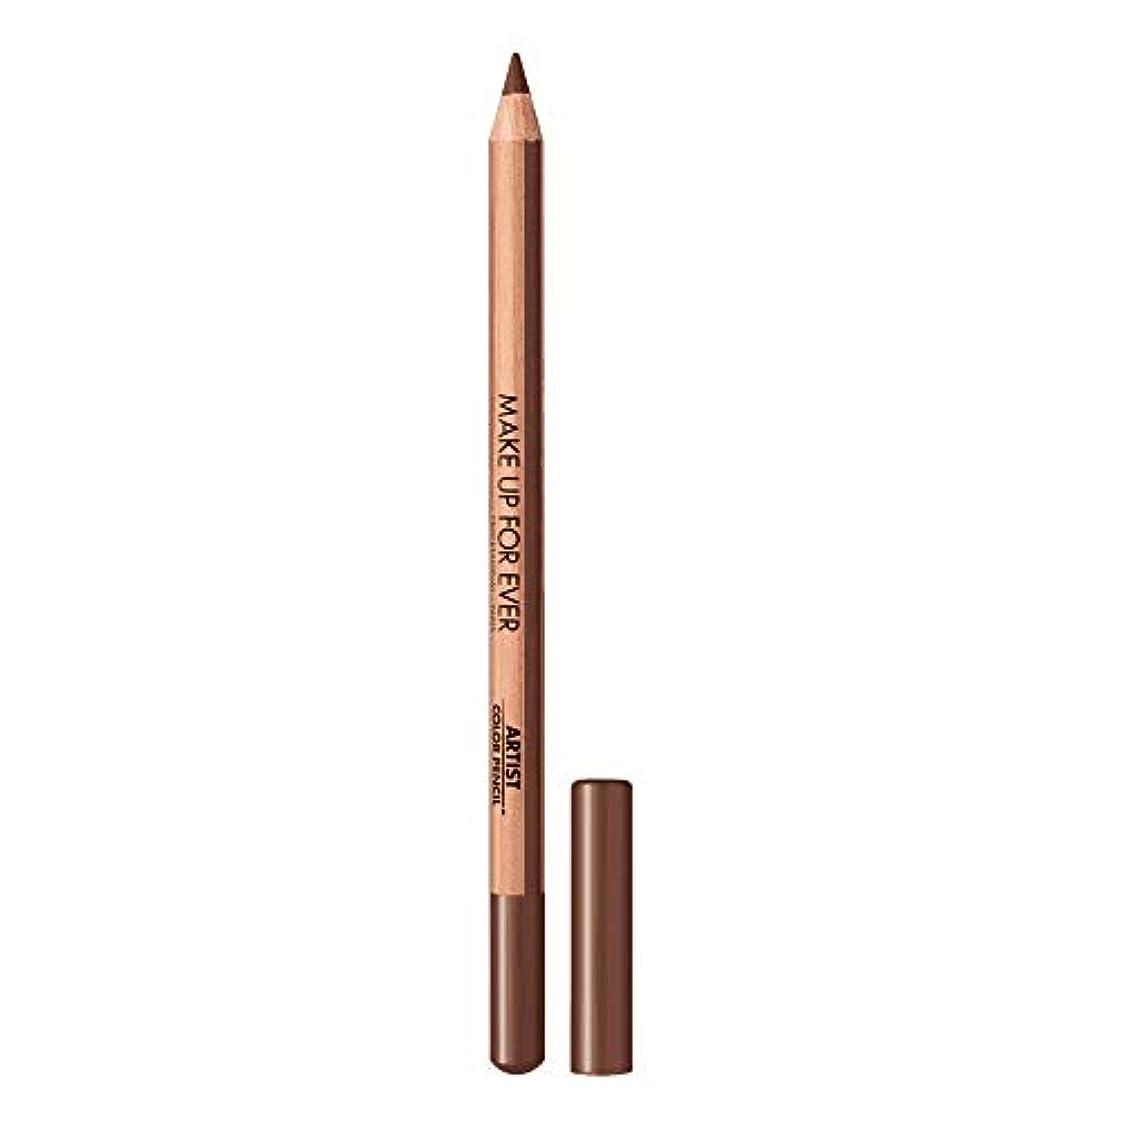 のぞき穴休暇統計的メイクアップフォーエバー Artist Color Pencil - # 608 Limitless Brown 1.41g/0.04oz並行輸入品